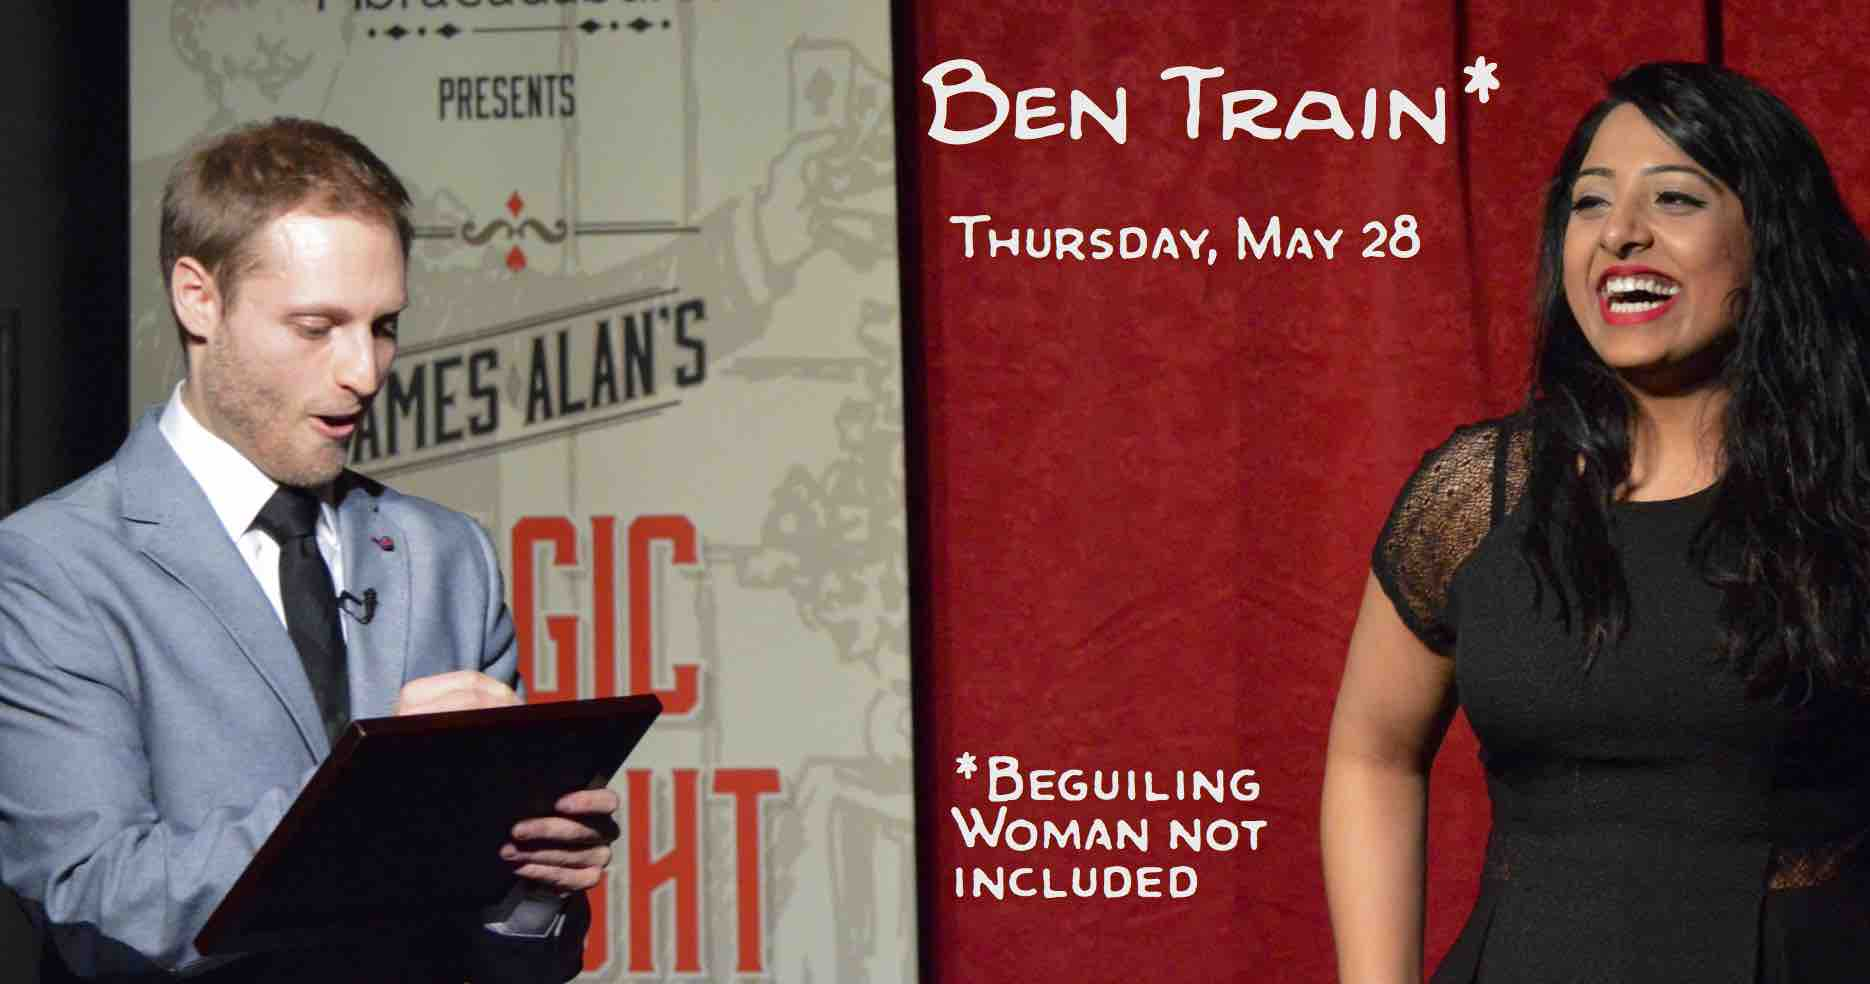 May 28 Ben Train